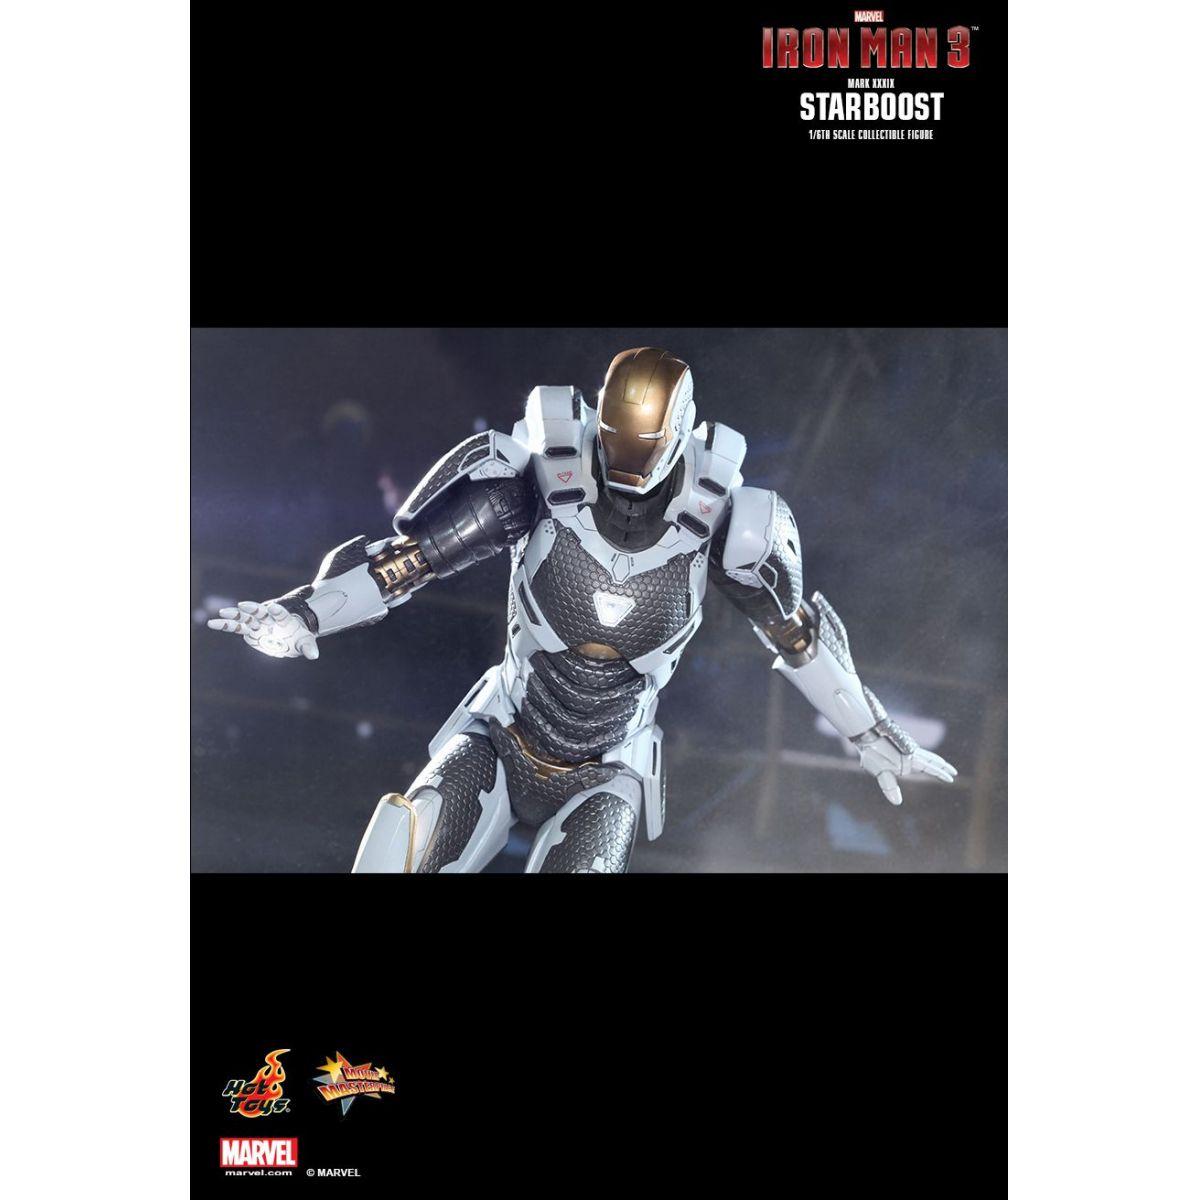 Iron Man Mark XXXIX Starboost - Escala 1/6 - Hot Toys